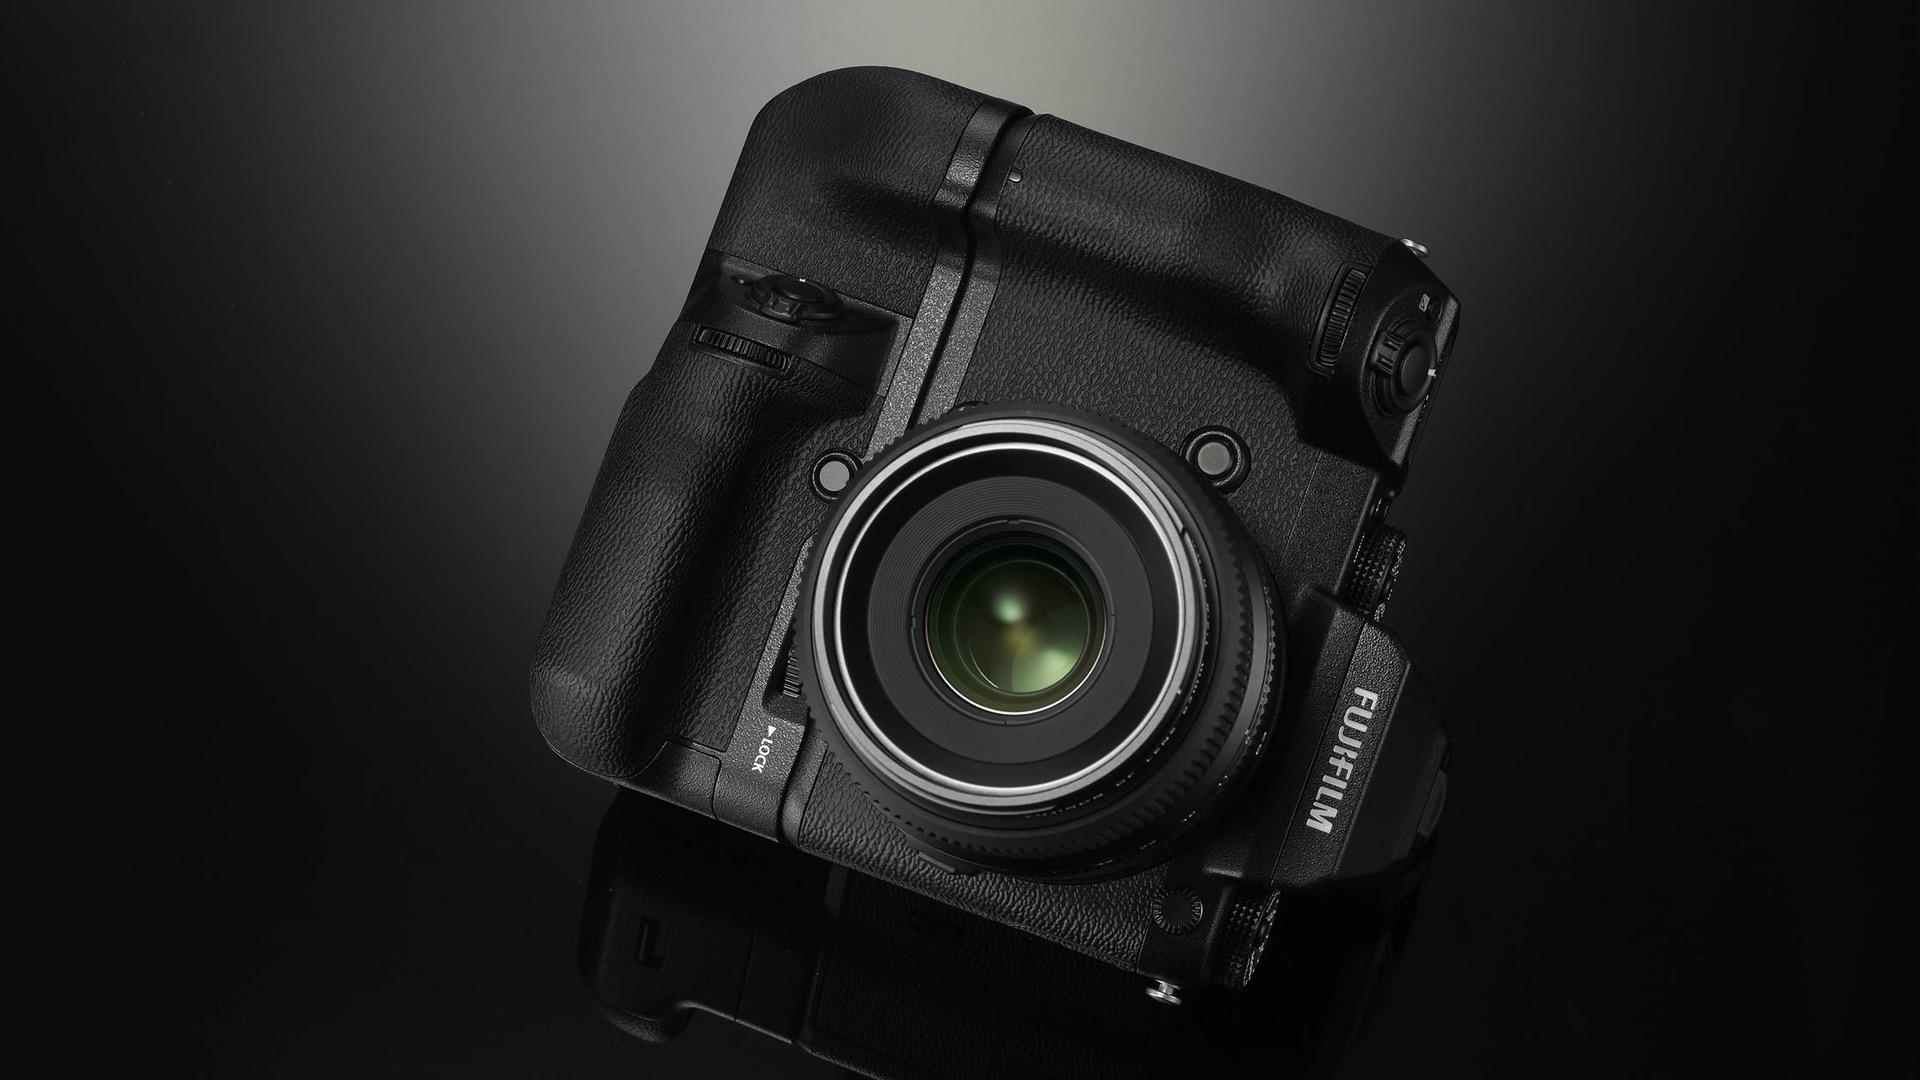 富士フイルムの中判カメラgfx 50sの詳細が明らかに cinema5d